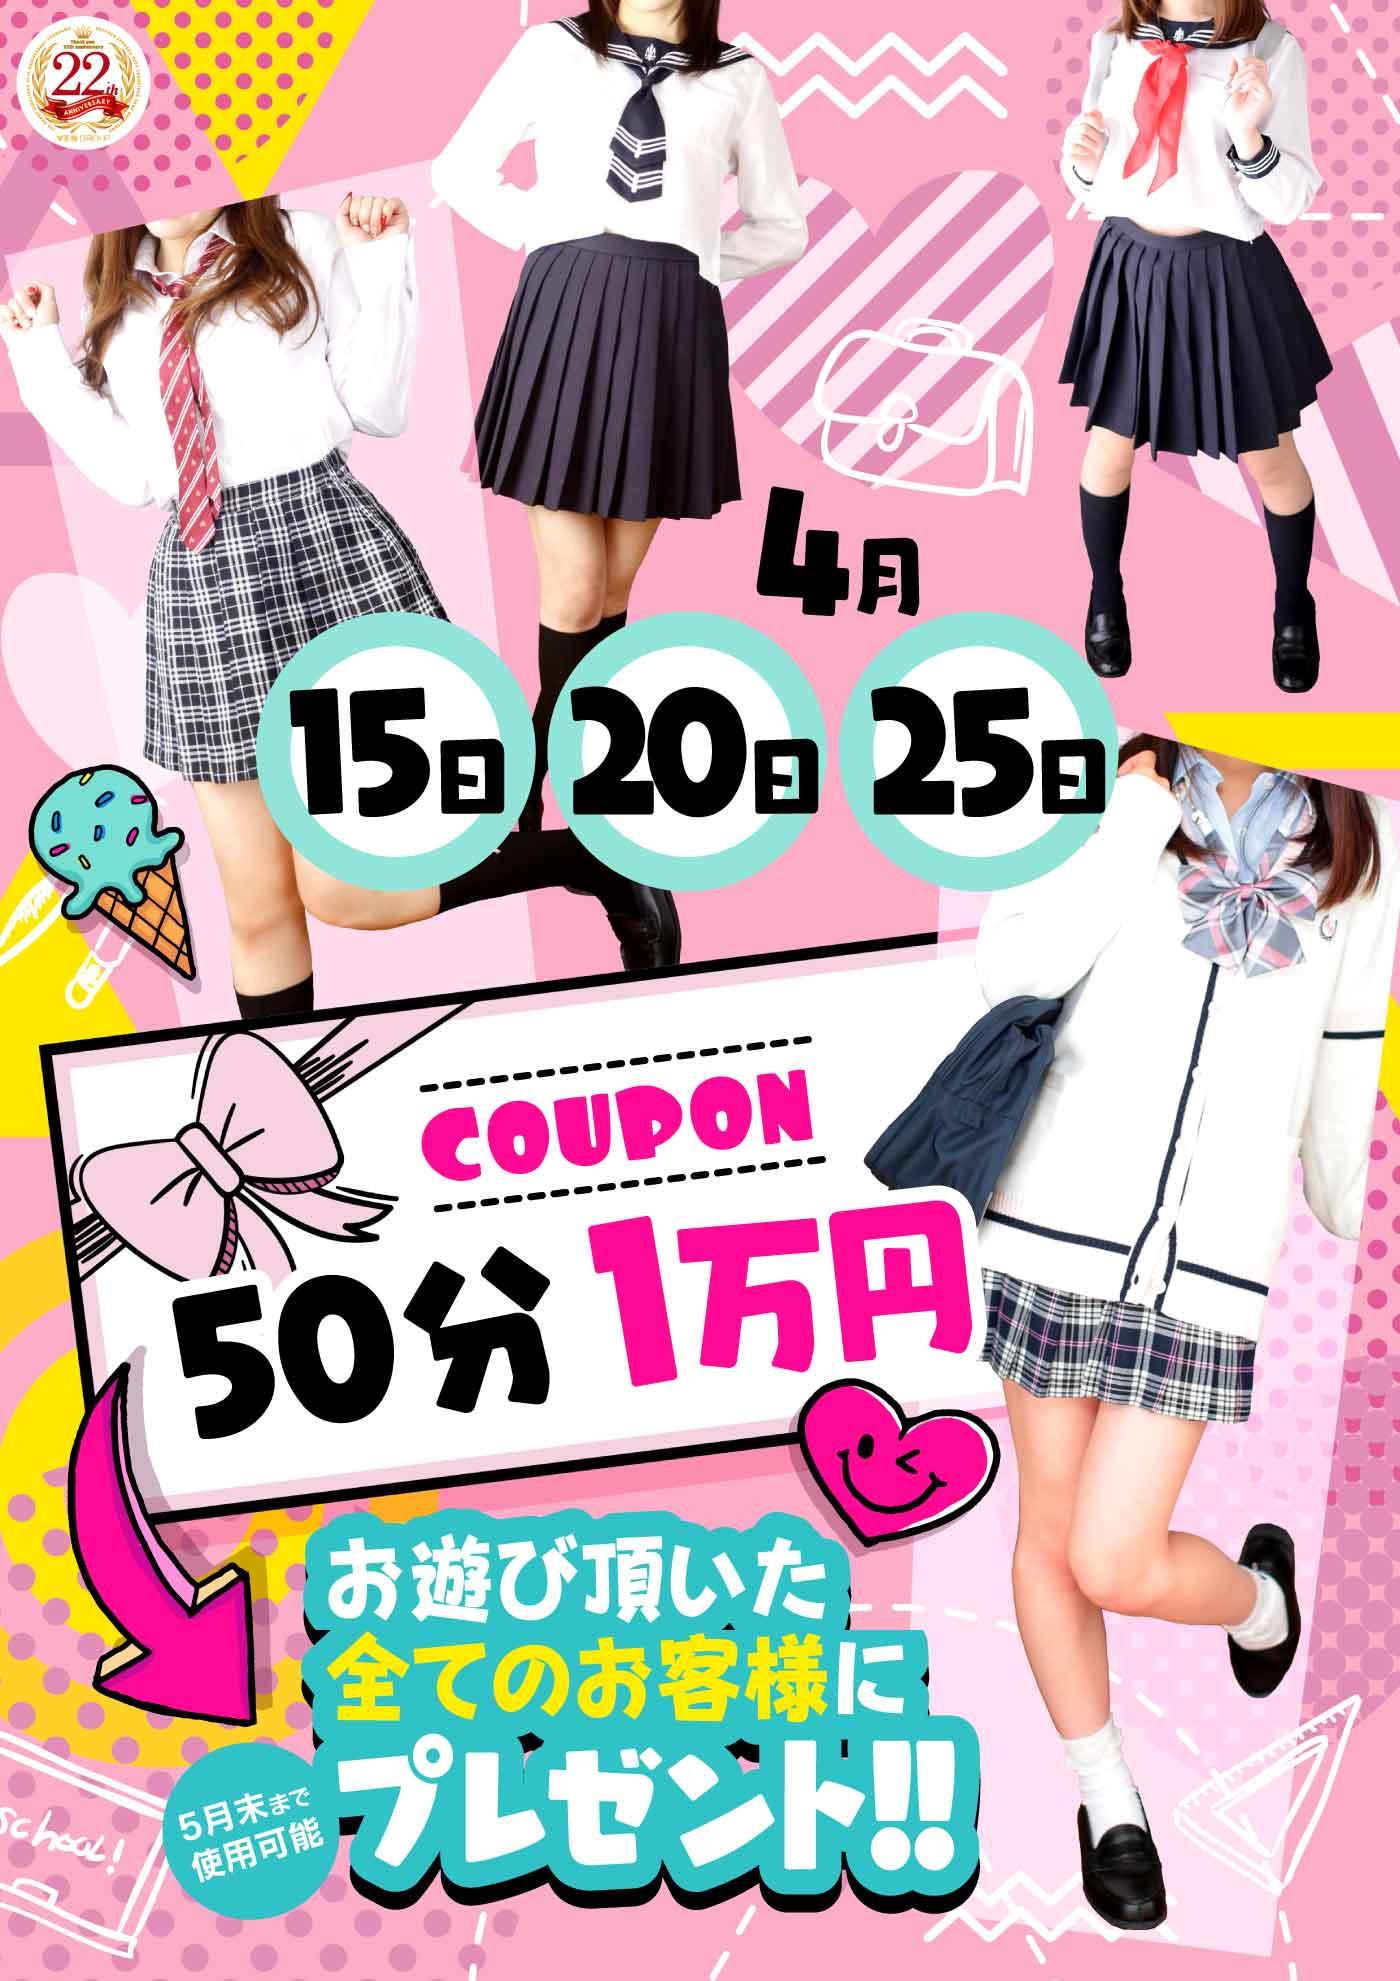 50分 1万円クーポン配布